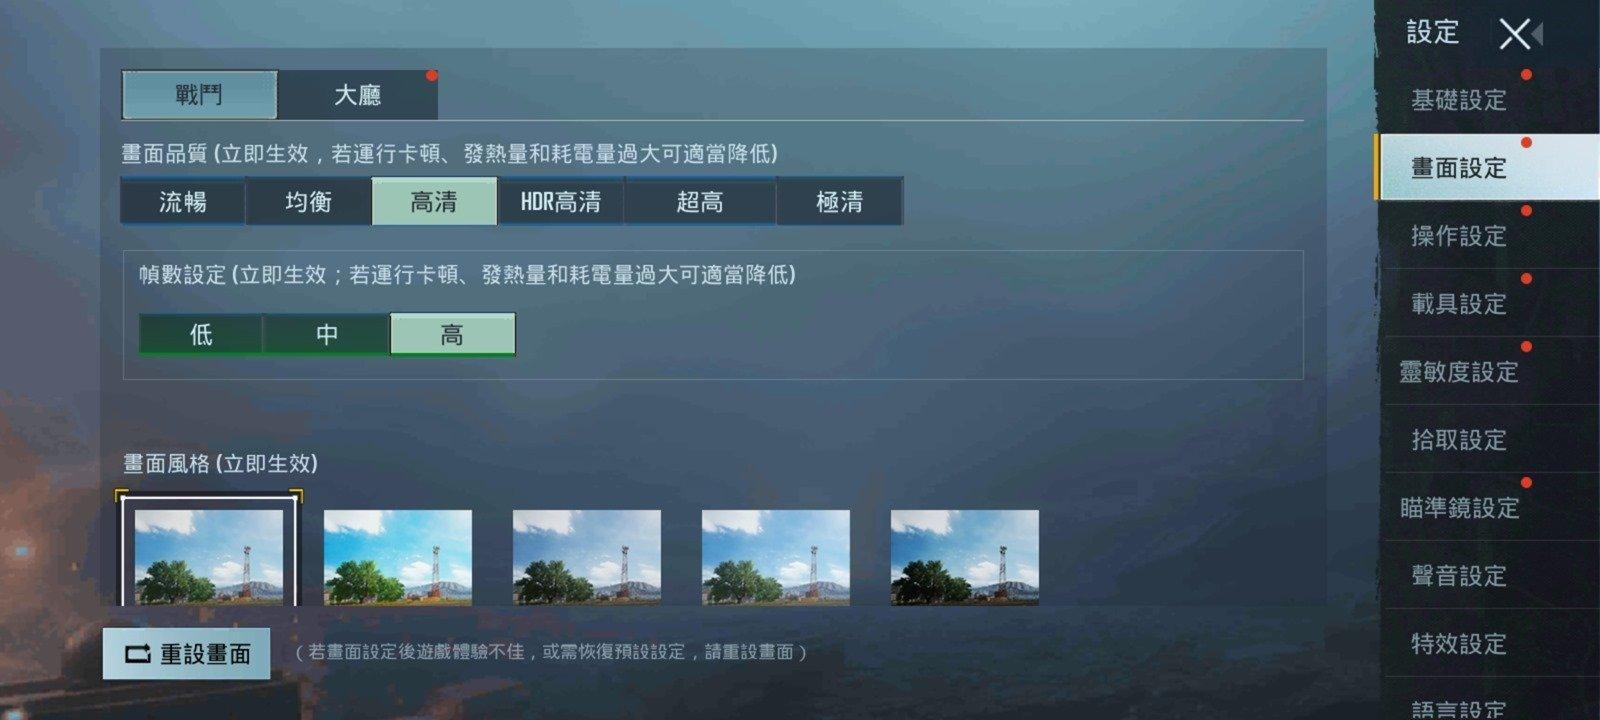 越級挑戰大電量功能完整 realme 7 5G 開箱評測 – 開箱 / 相機實拍 / 性能測試 / 遊戲實測 / 電力續航 @3C 達人廖阿輝